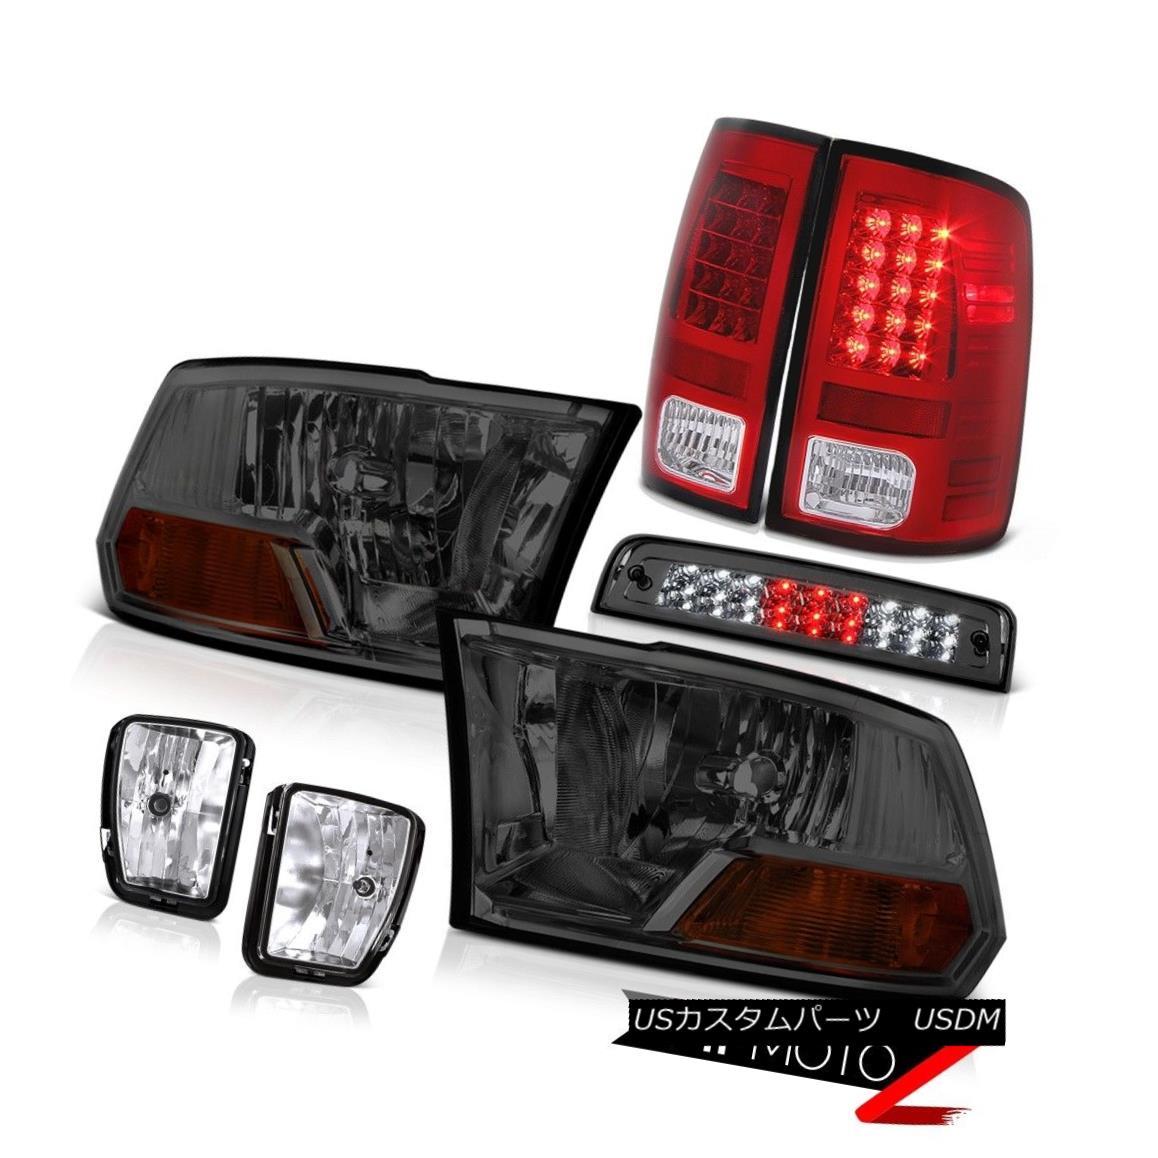 テールライト 13-18 Dodge Ram 1500 5.7L 3RD Brake Light Chrome Fog Lamps Tail Lights Headlamps 13-18 Dodge Ram 1500 5.7L 3RDブレーキライトクロームフォグランプテールライトヘッドランプ